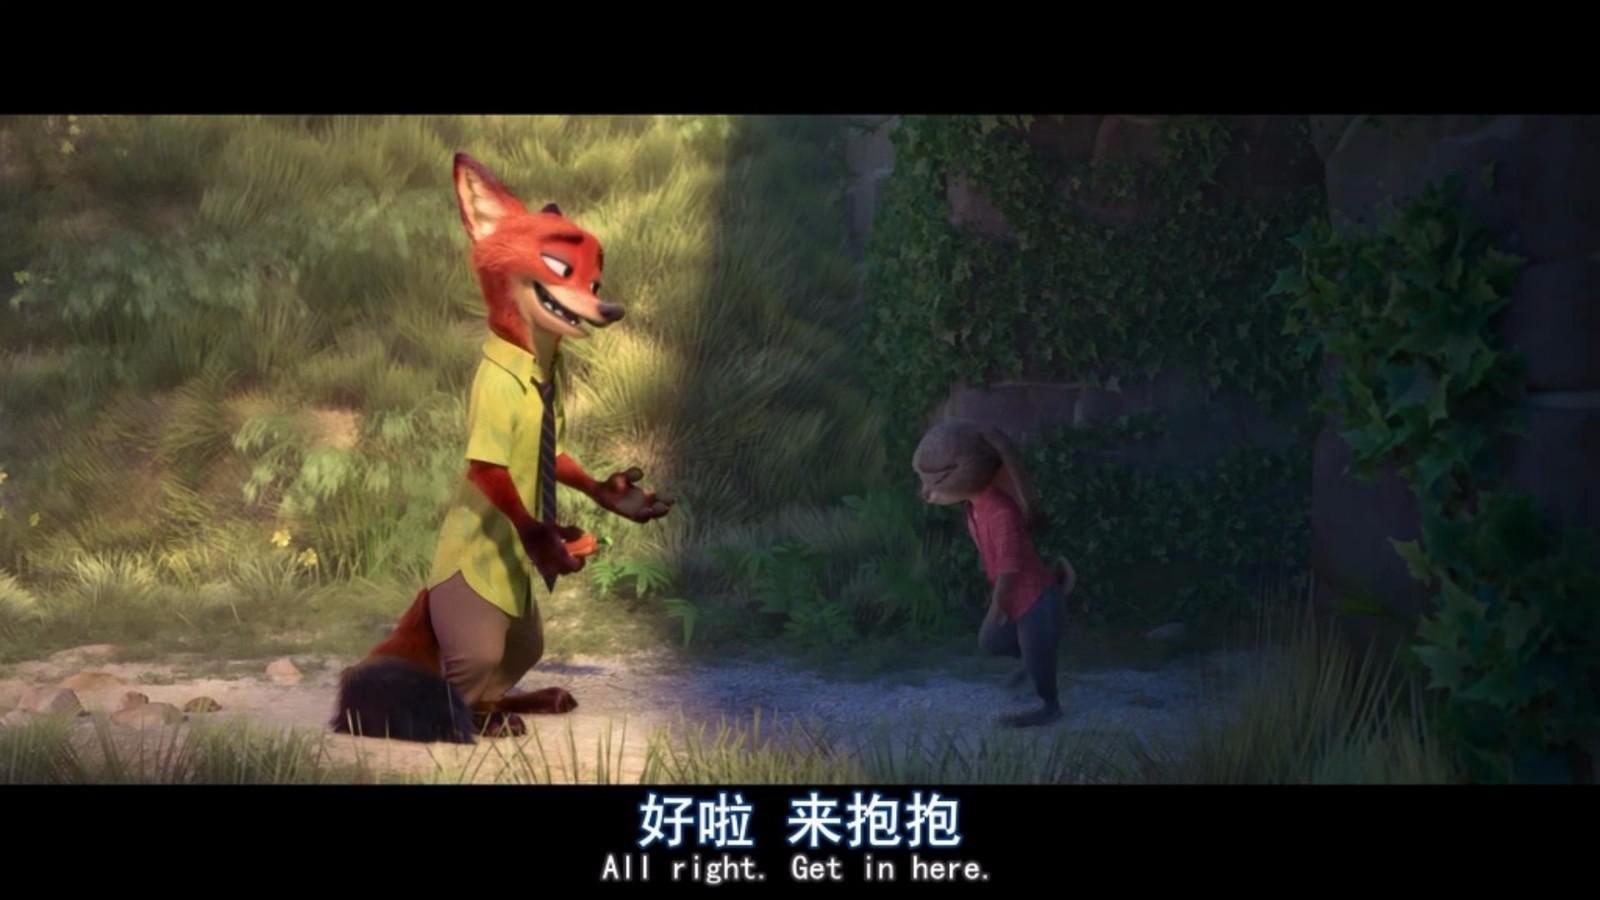 求疯狂动物城里狐狸尼克对兔子朱迪说 过来,抱抱那个图片图片